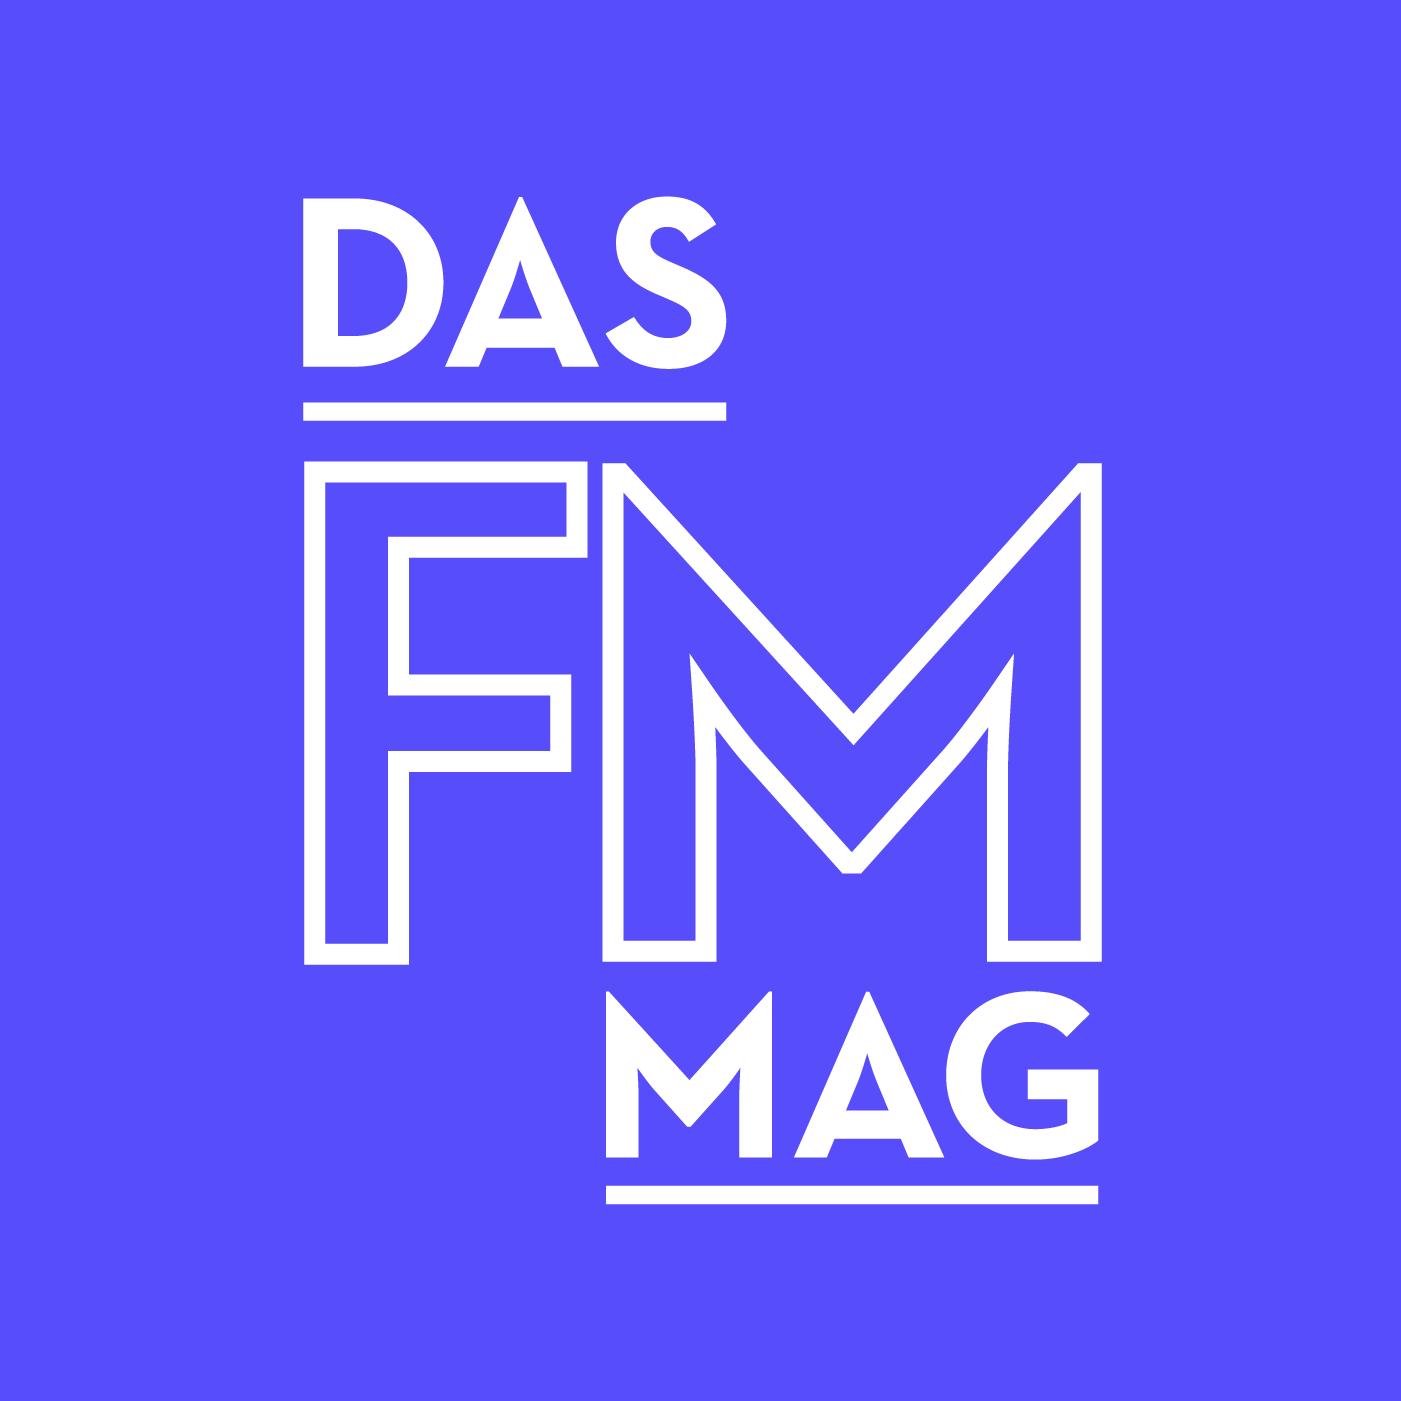 DasMagFM_V2-19.png